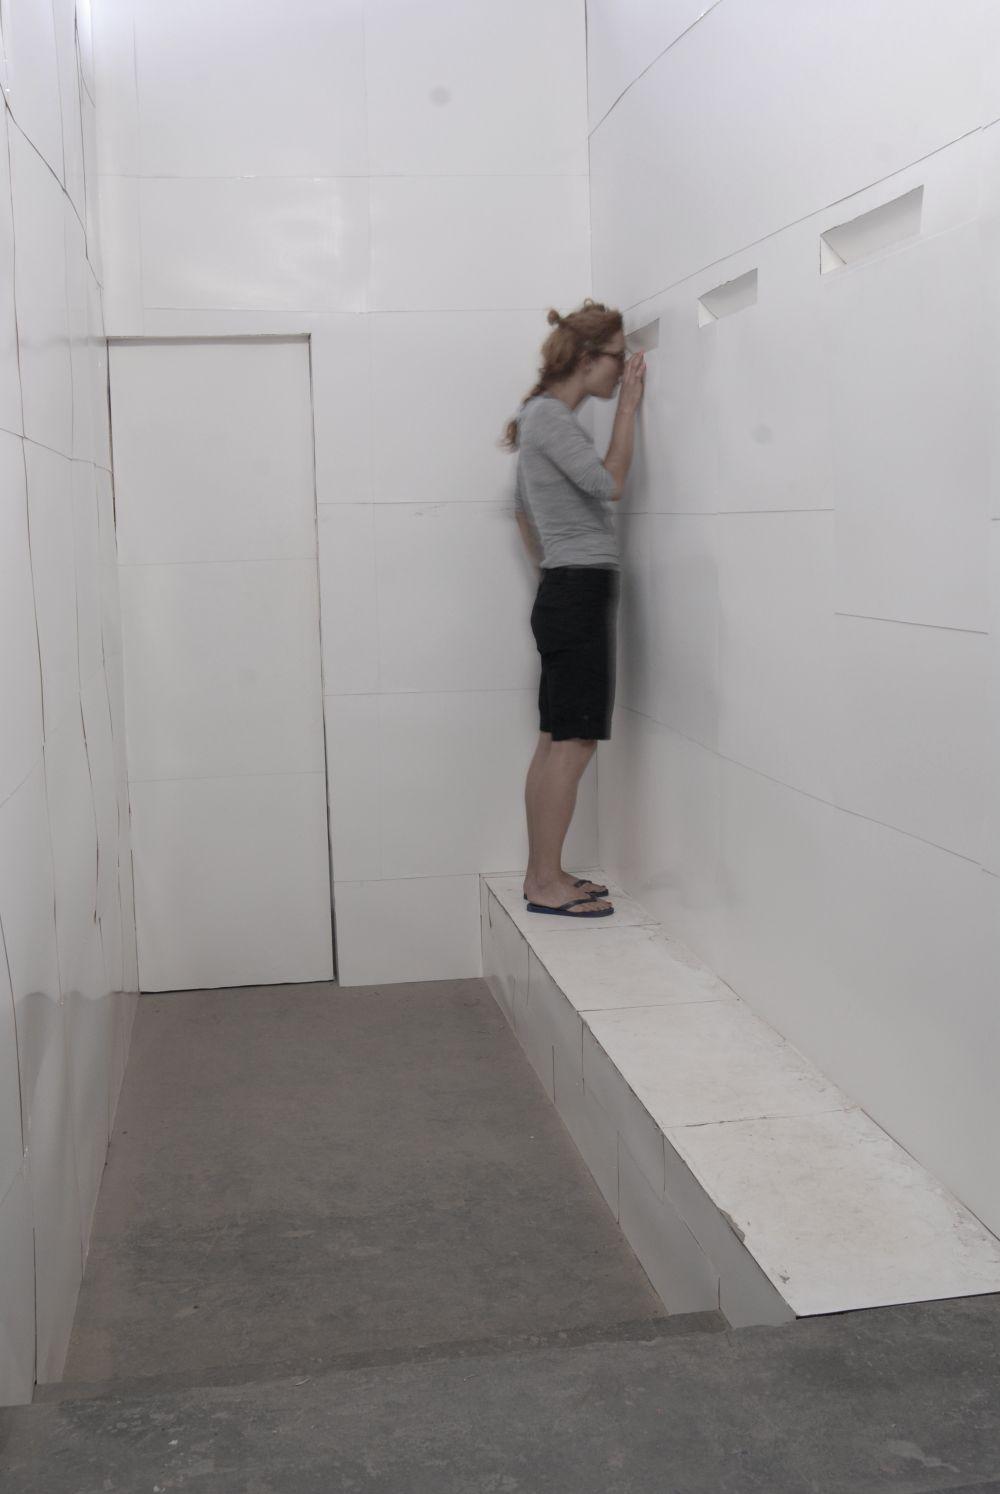 04_panik-room-49a807f3baec5c7a68767e42d4ee3913